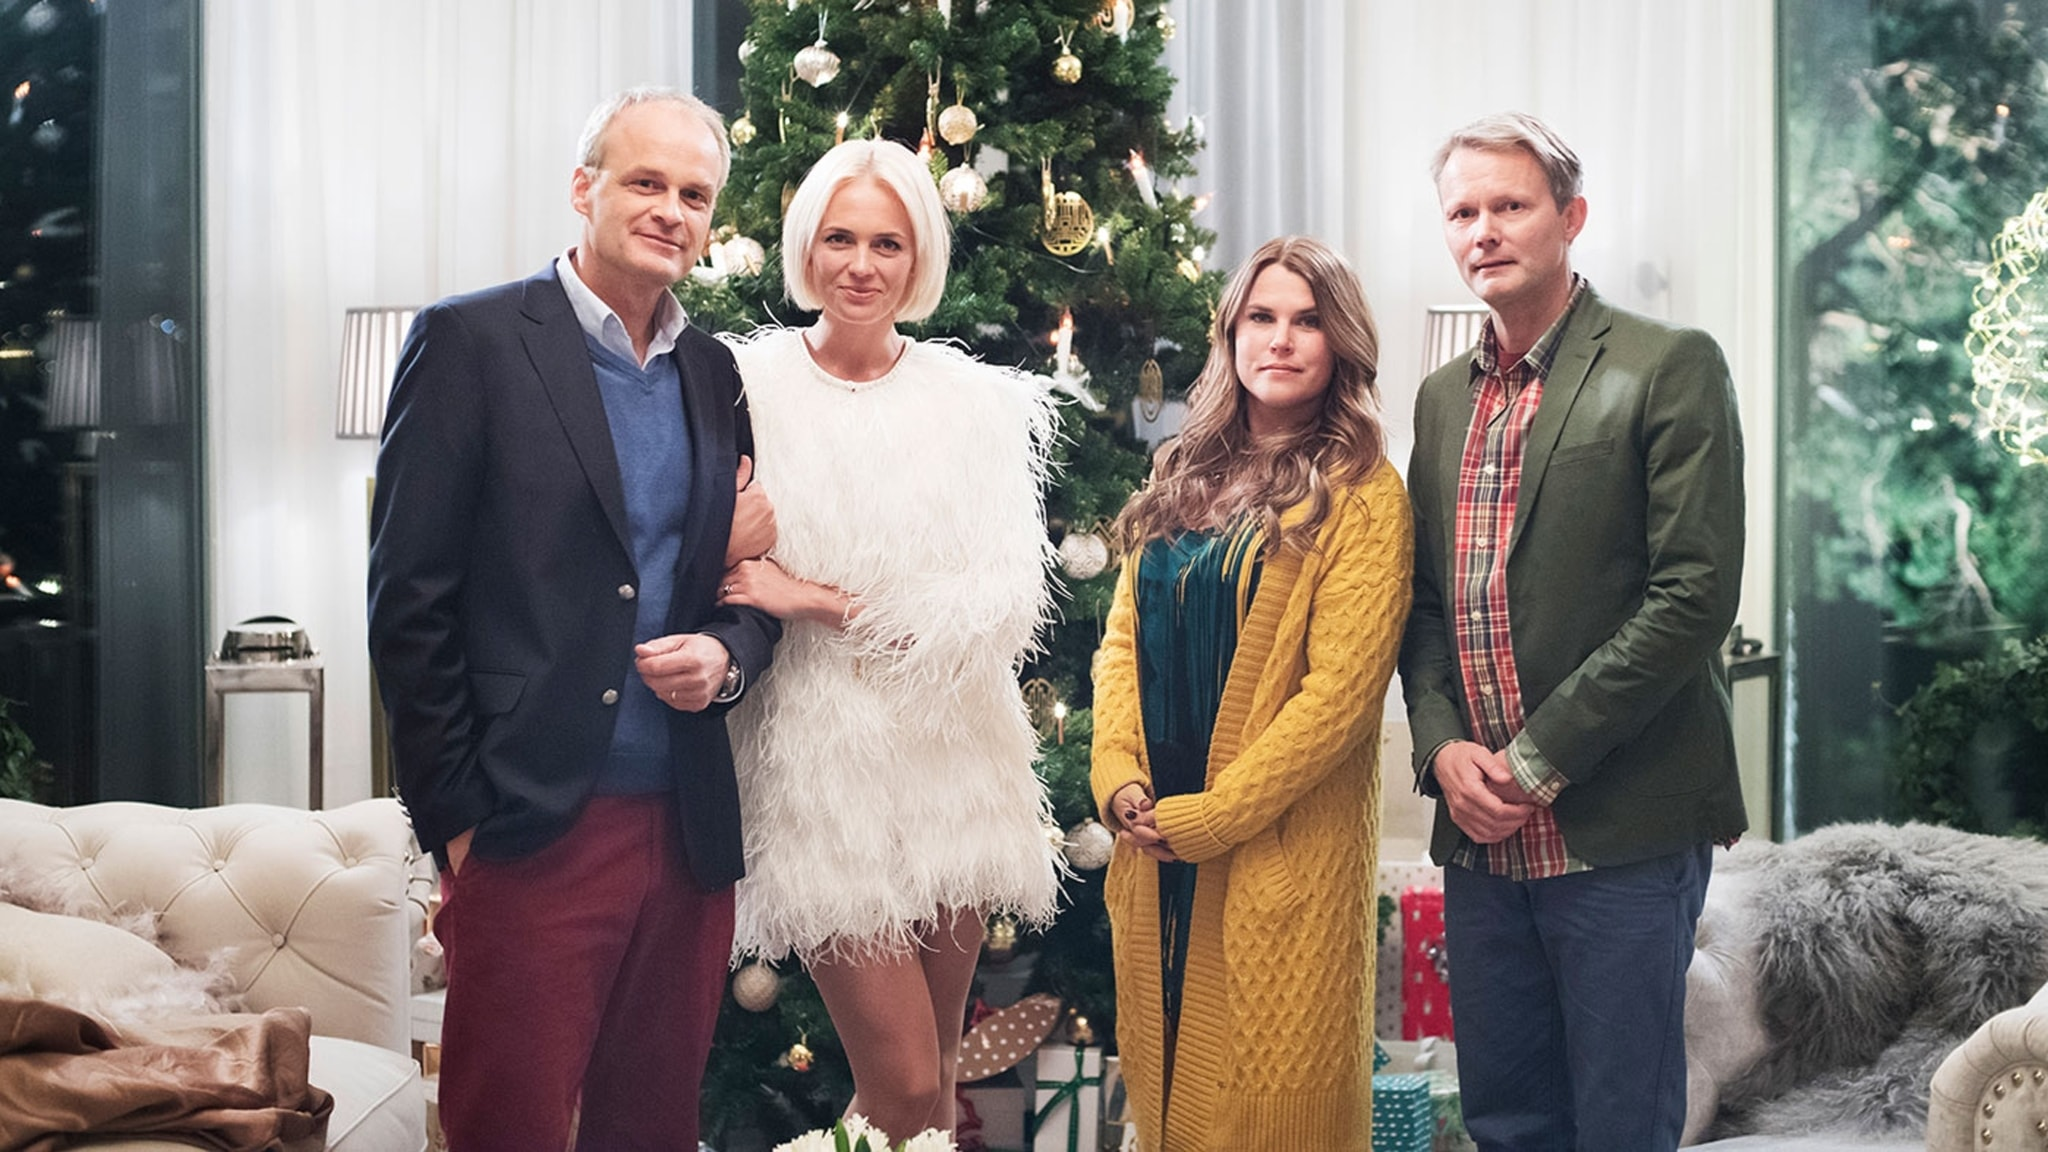 Fem mutåtalade chefer i Kultursverige frias och filmen Solsidan slår rekord. Med Viveca Bladh.